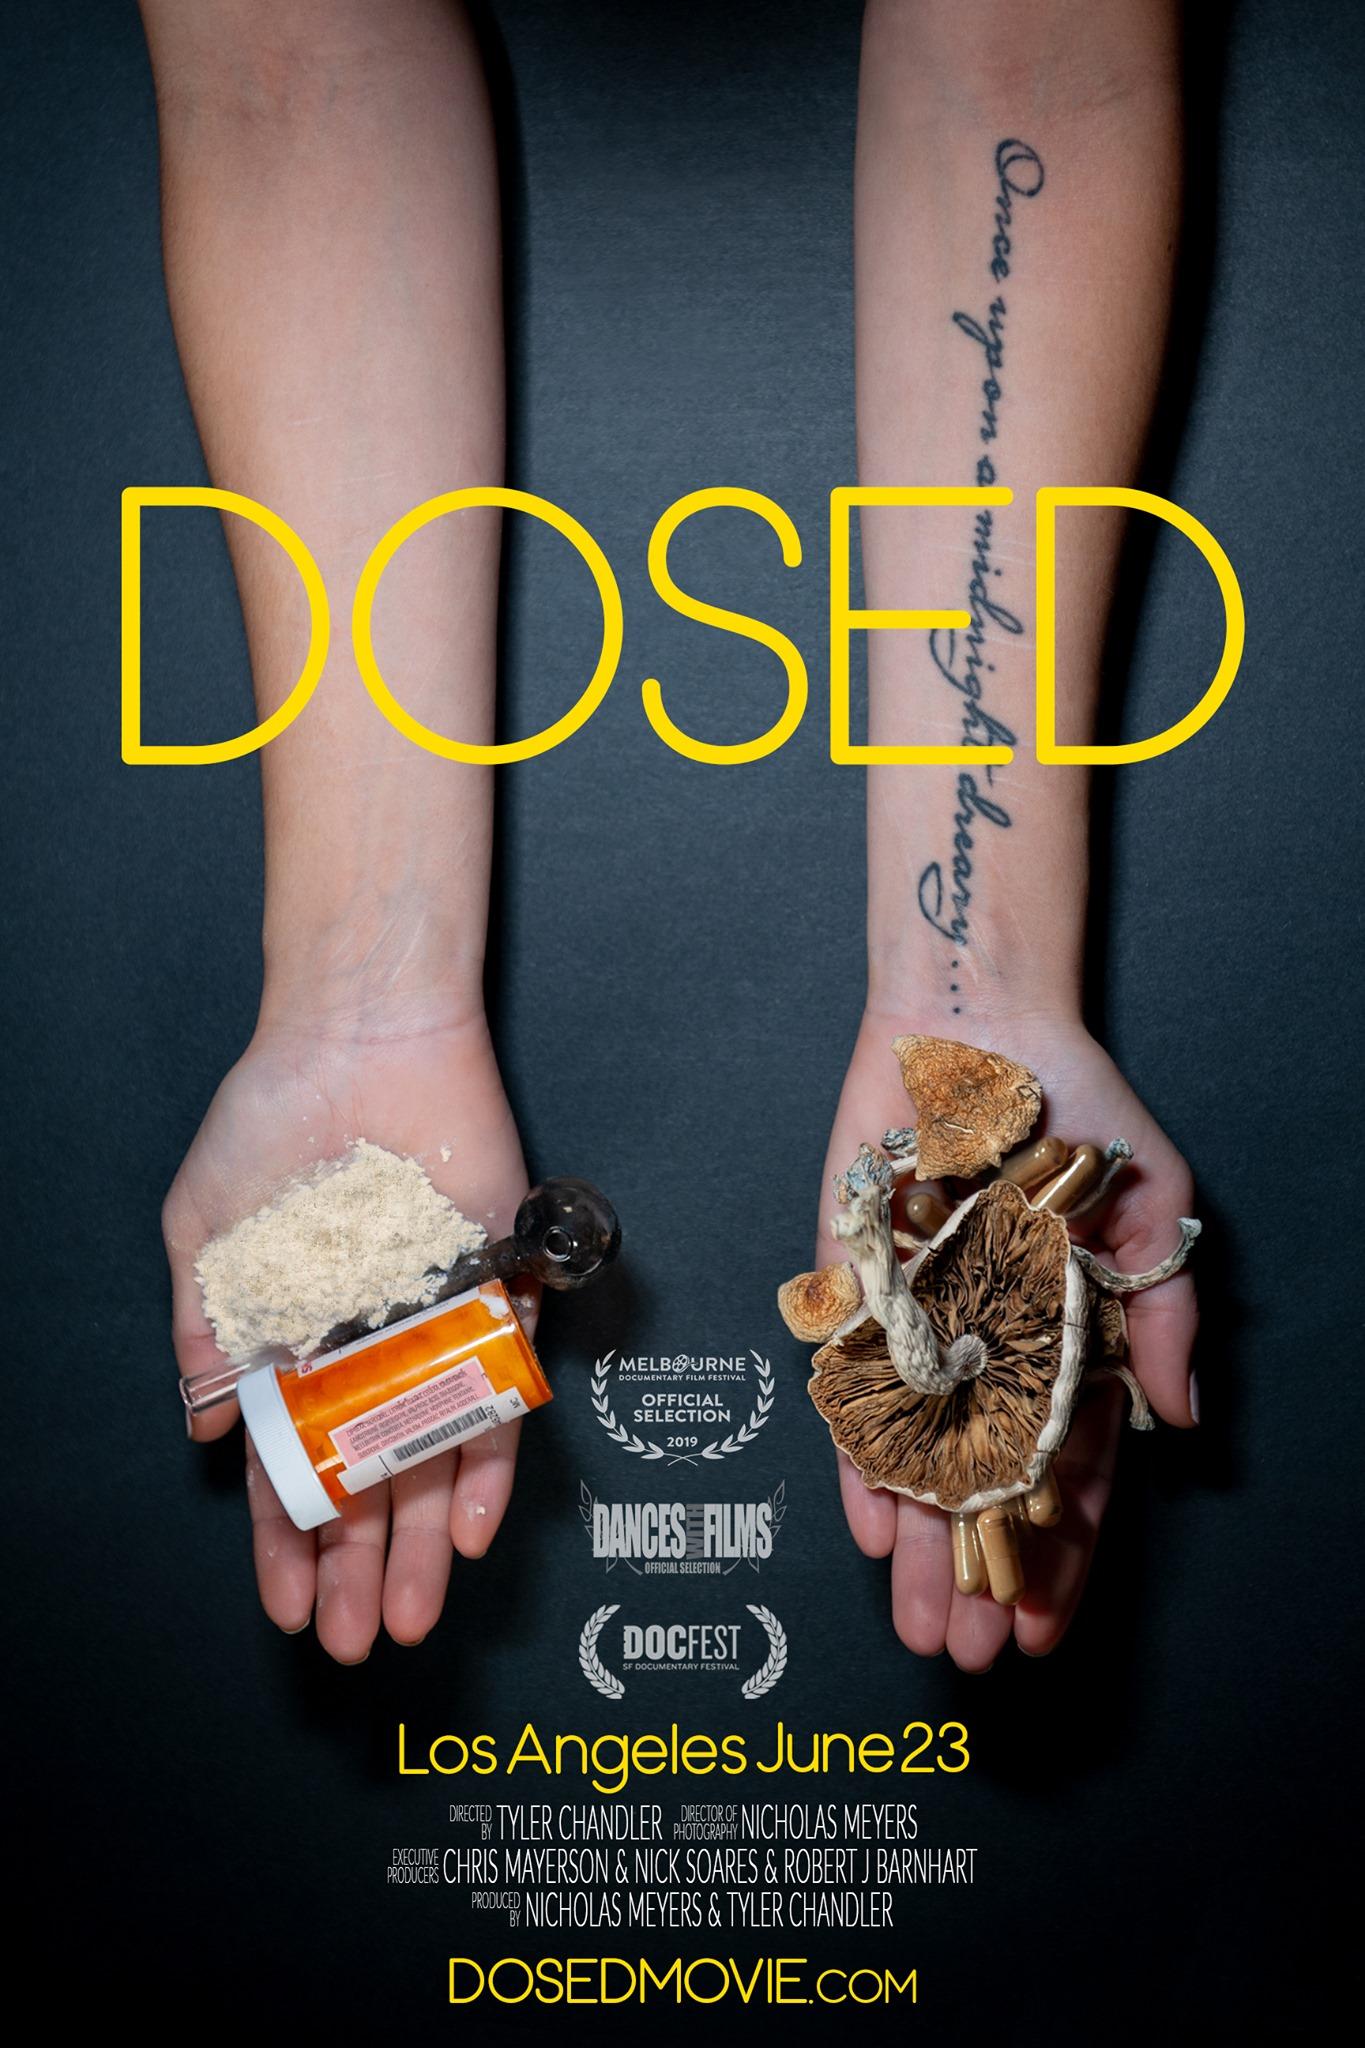 dosed_poster.jpg